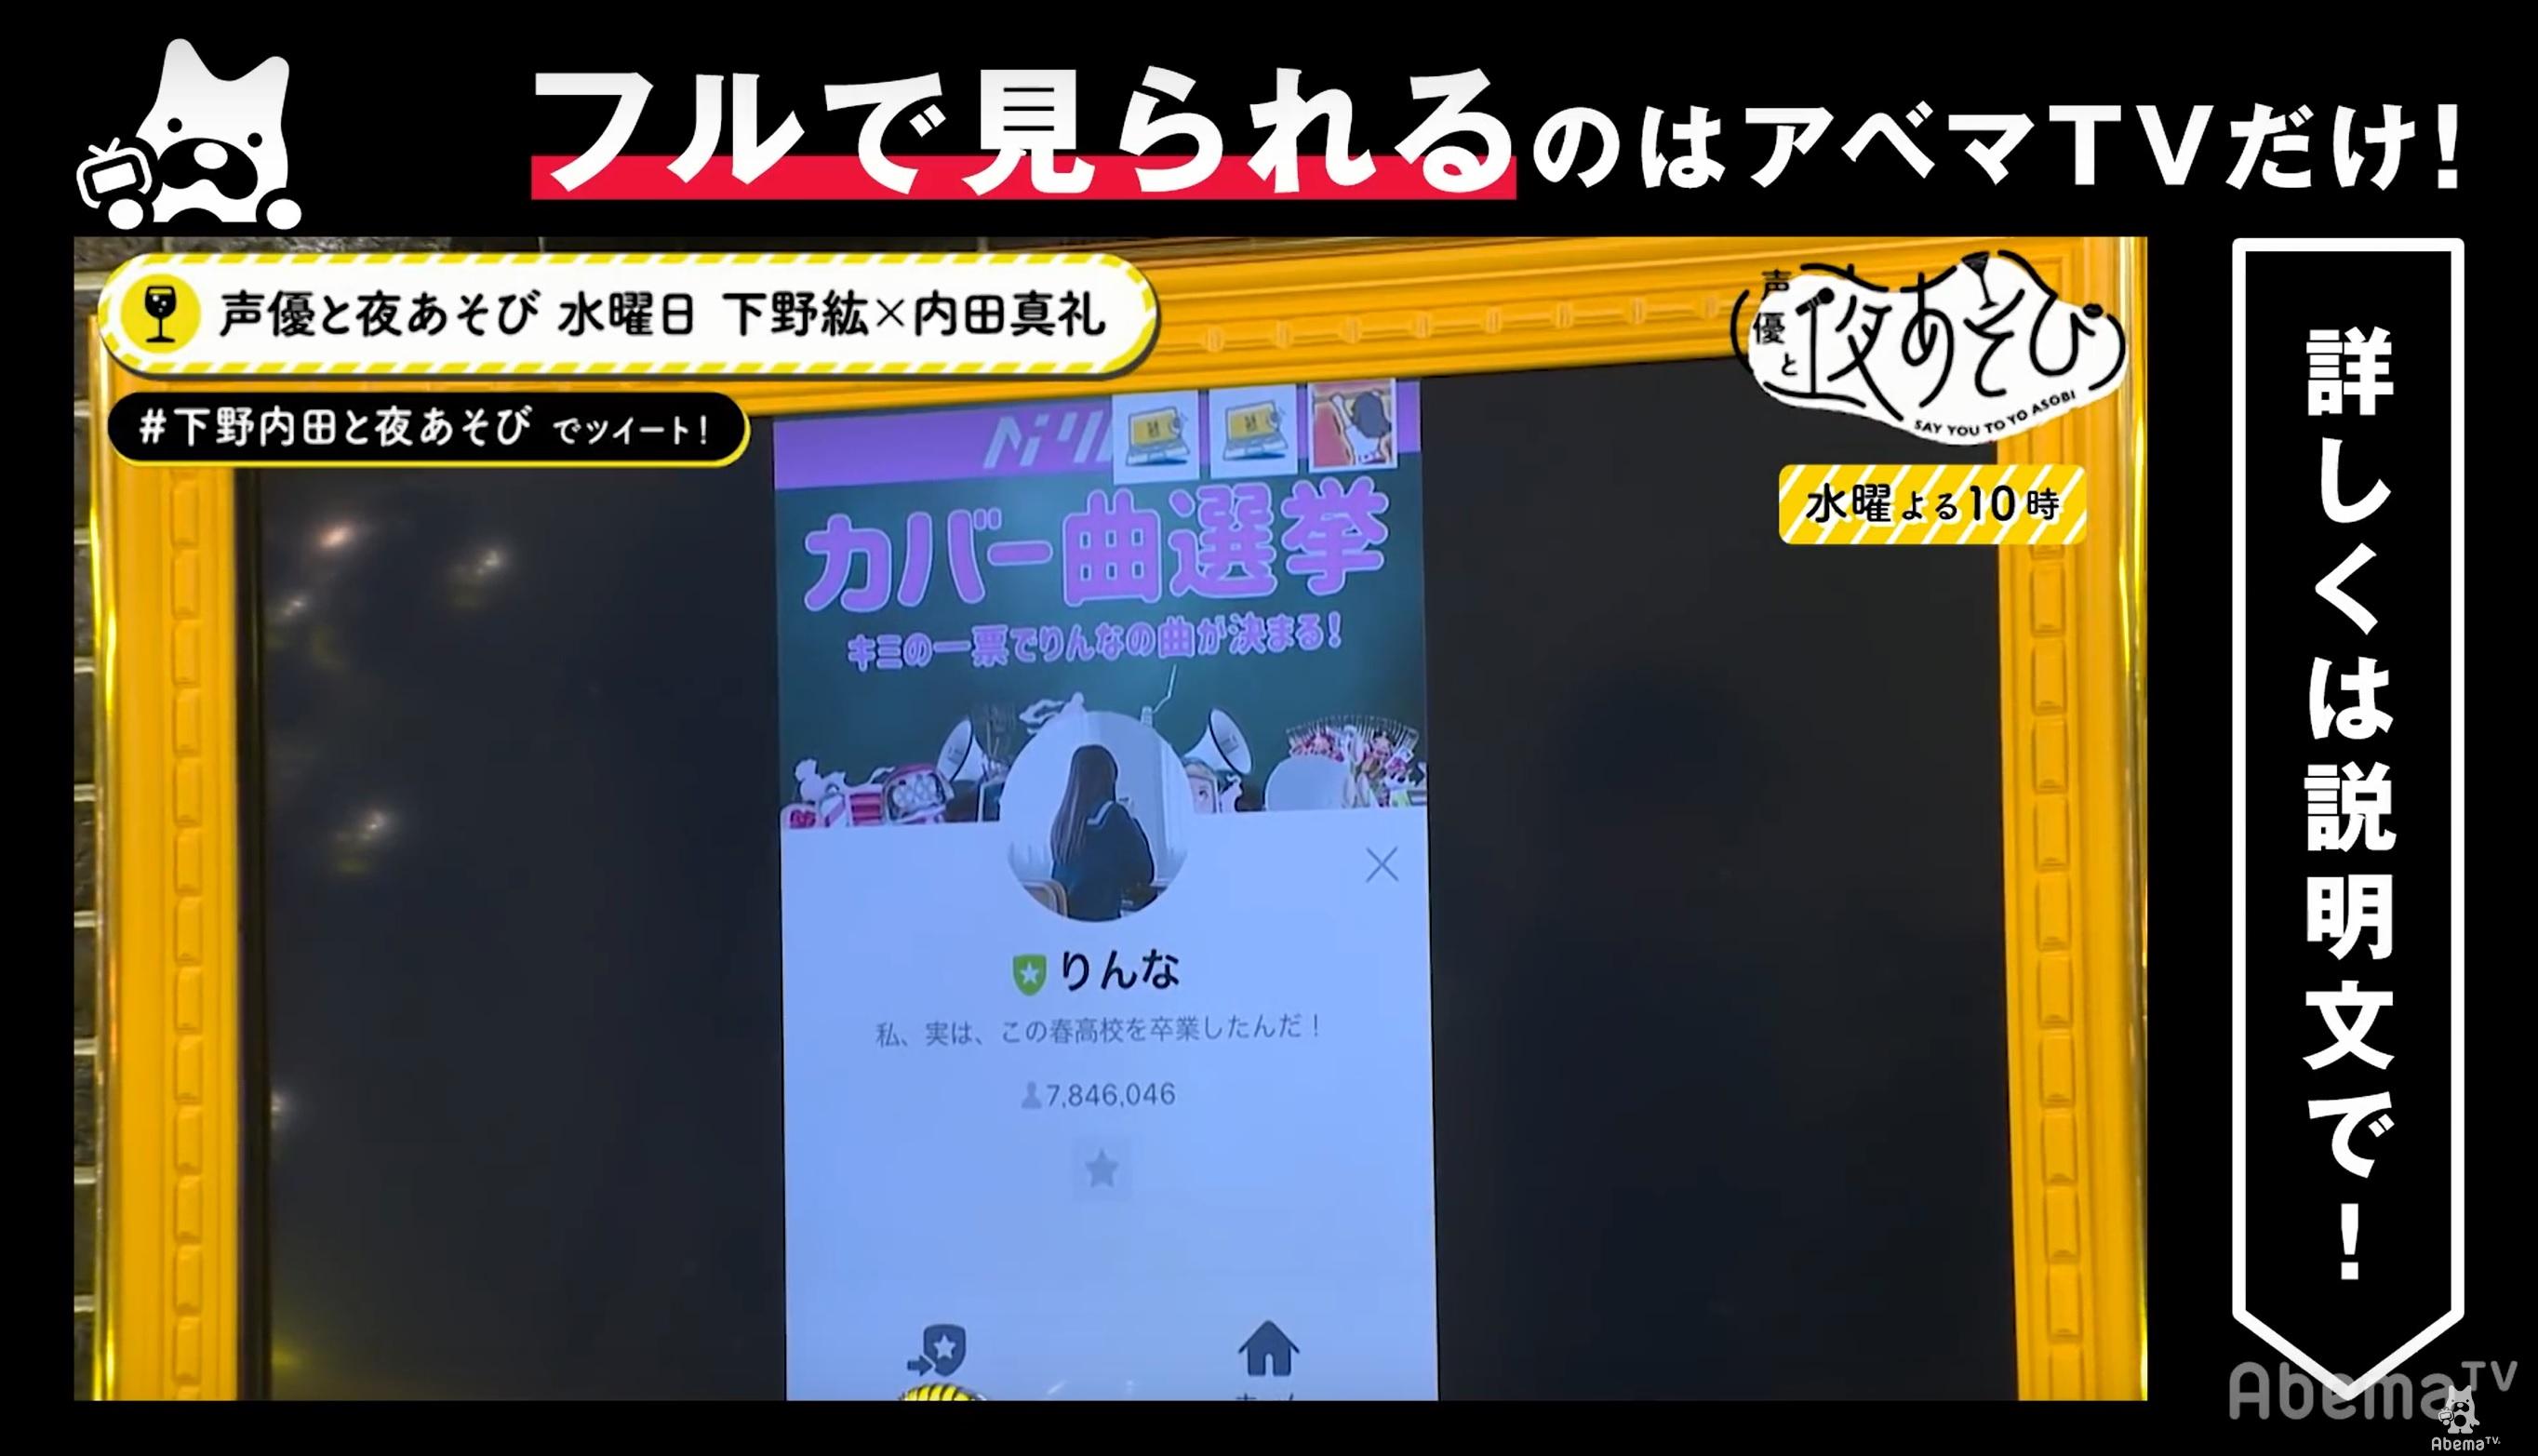 AbemaTV 声優と夜あそび【水:下野紘×内田真礼】#22